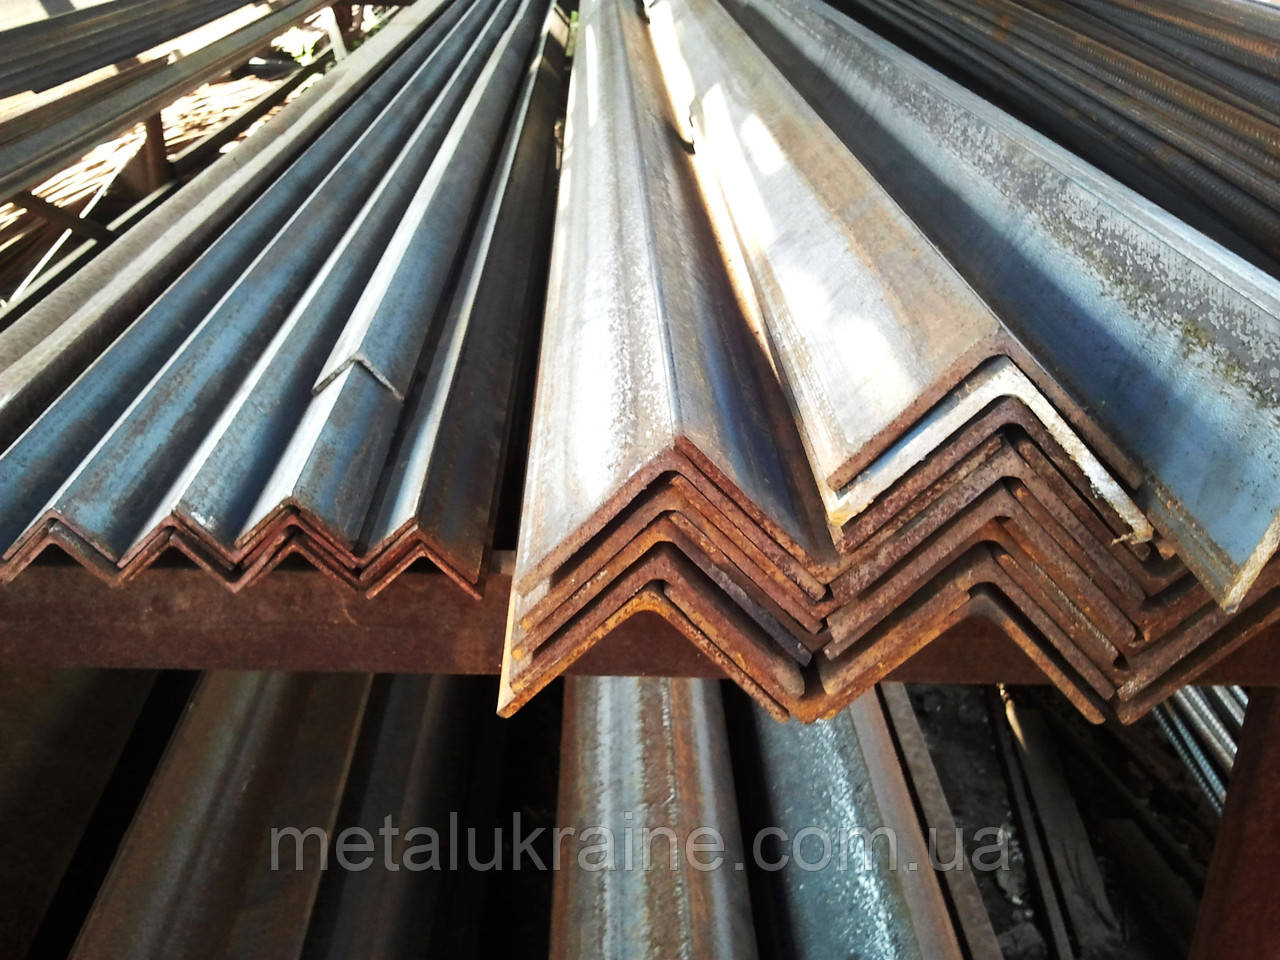 Уголок стальной гнутый 30х30х2мм